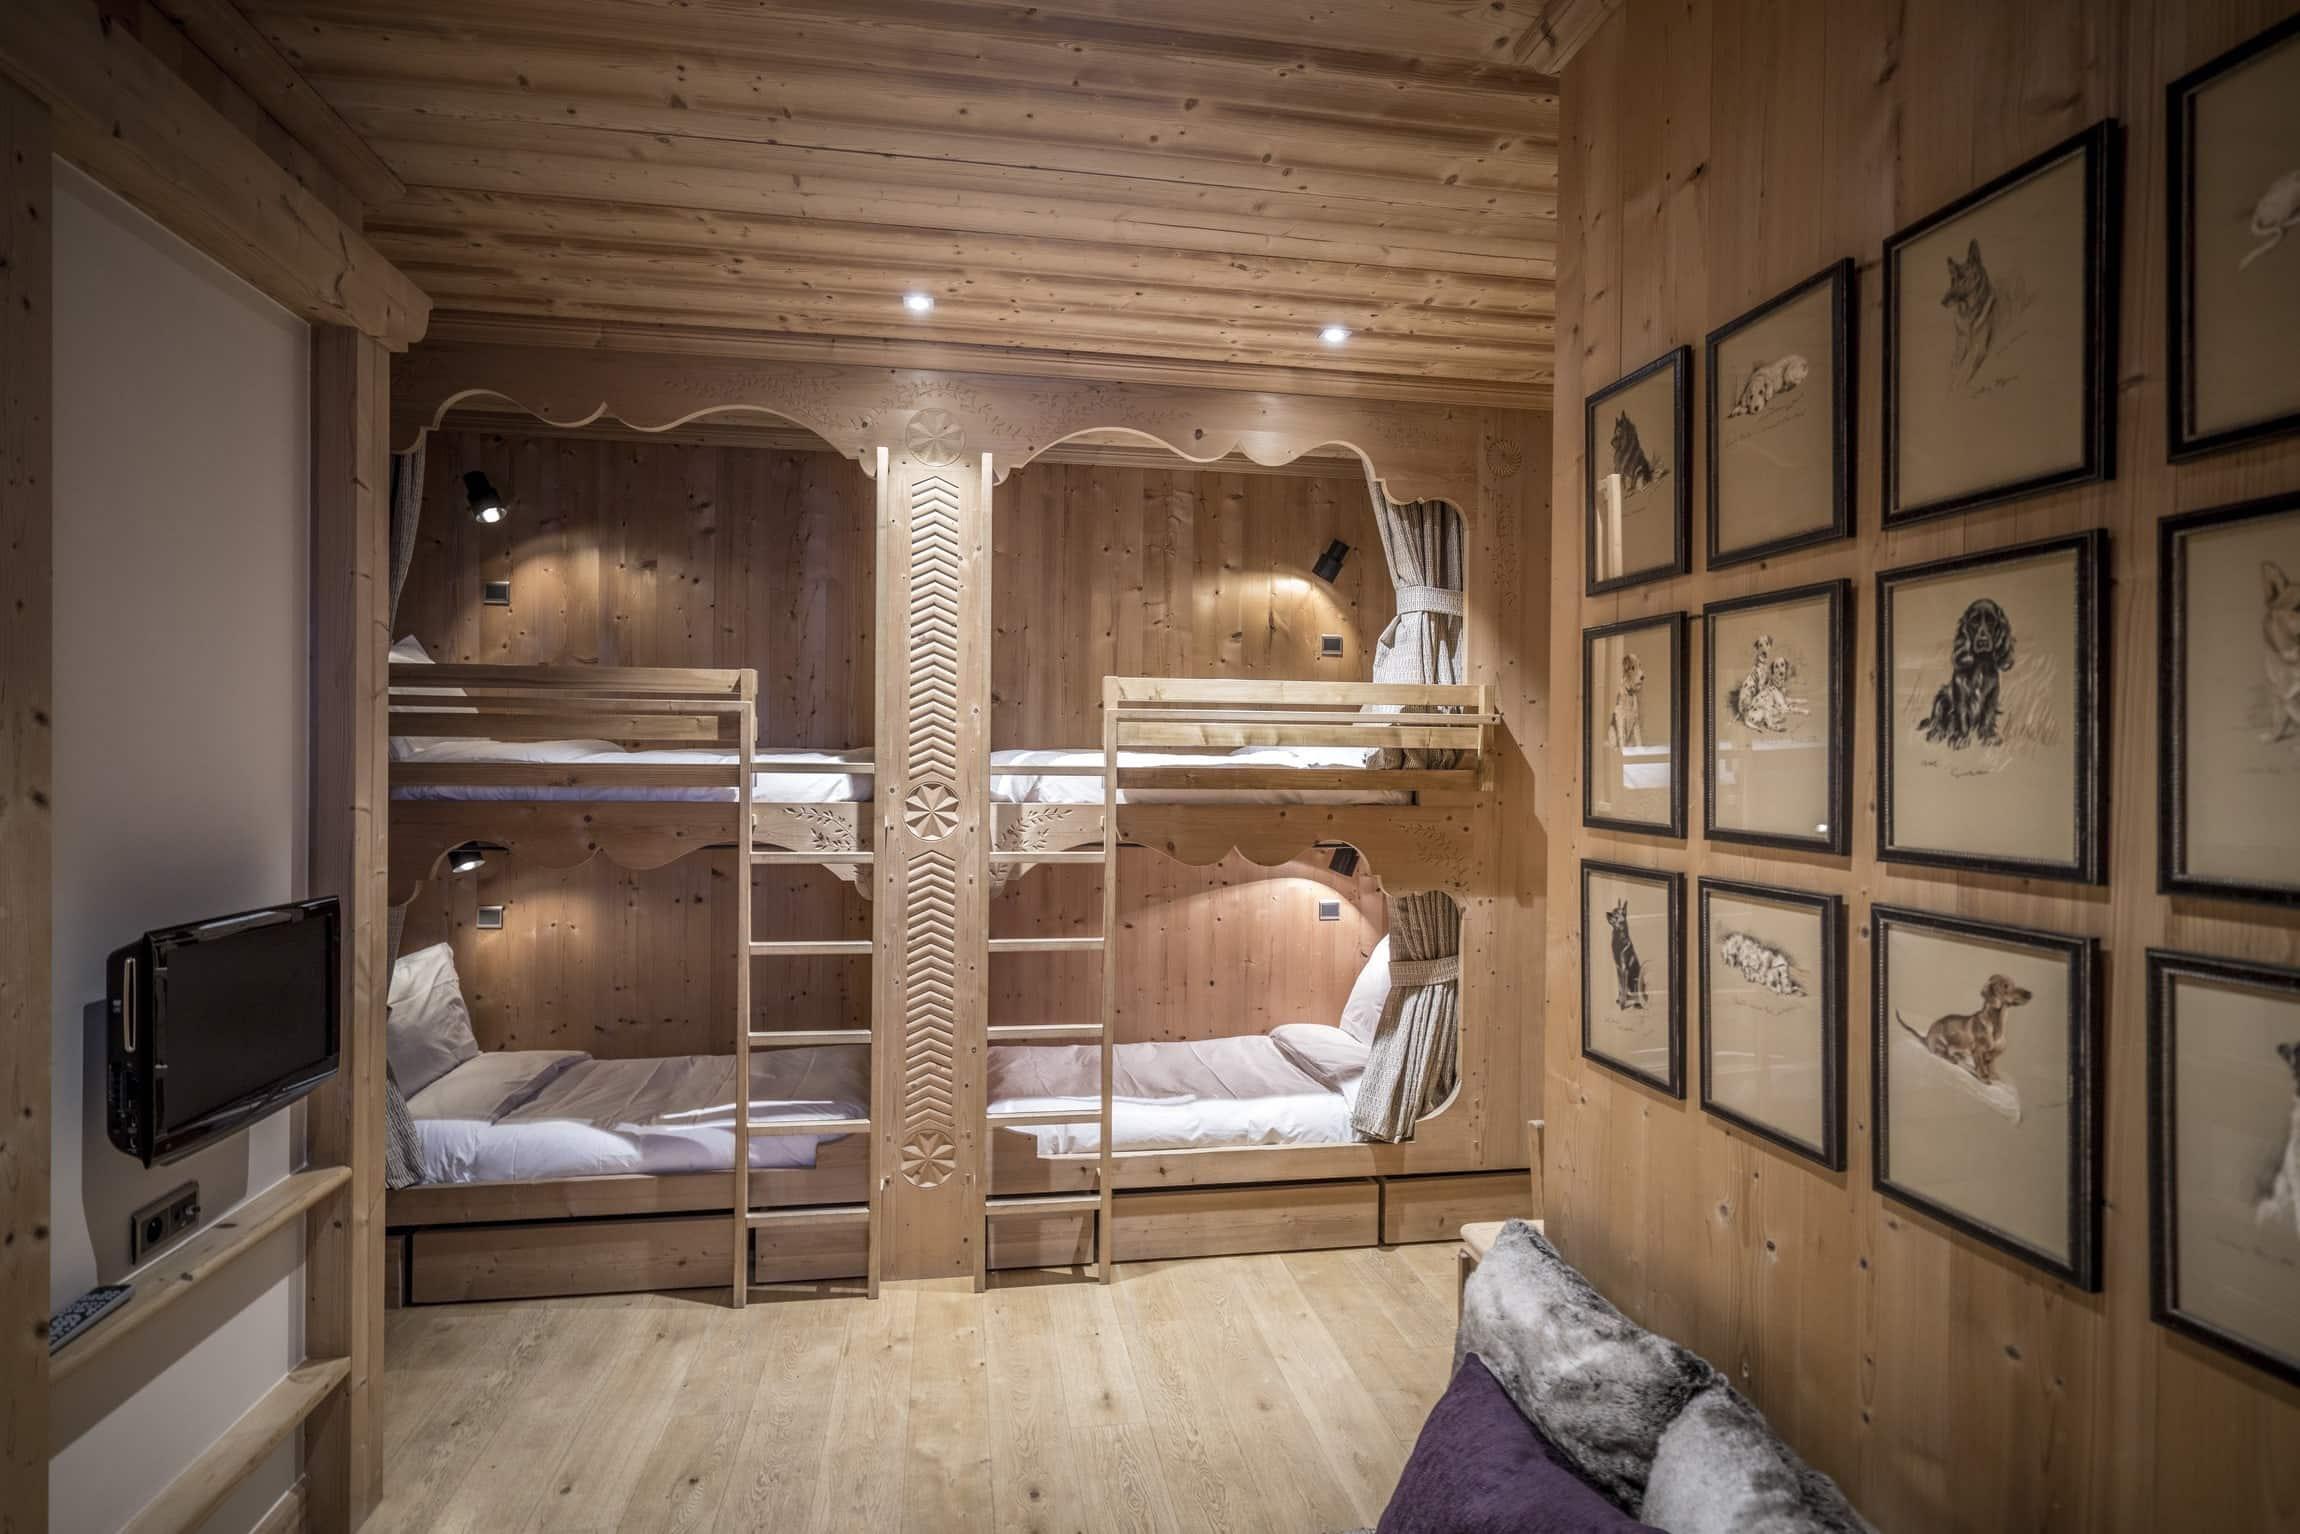 Cristal B - couchage 2 lits superposés pour enfants